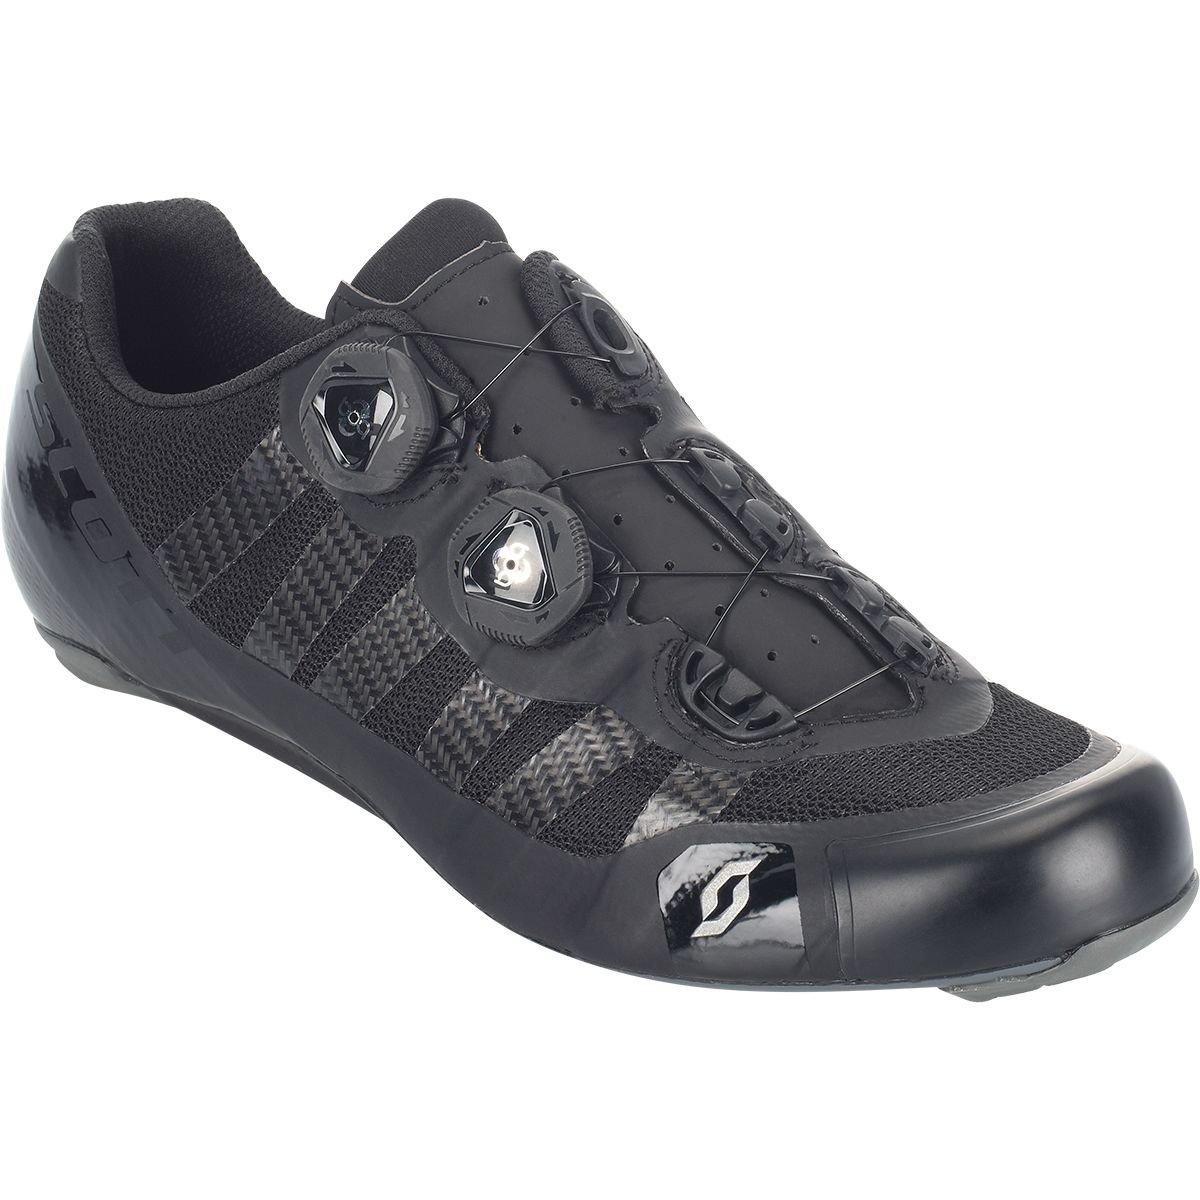 スコット道路RC Ultimate Shoe – Men 'sブラック、47.0   B079GWJR6C